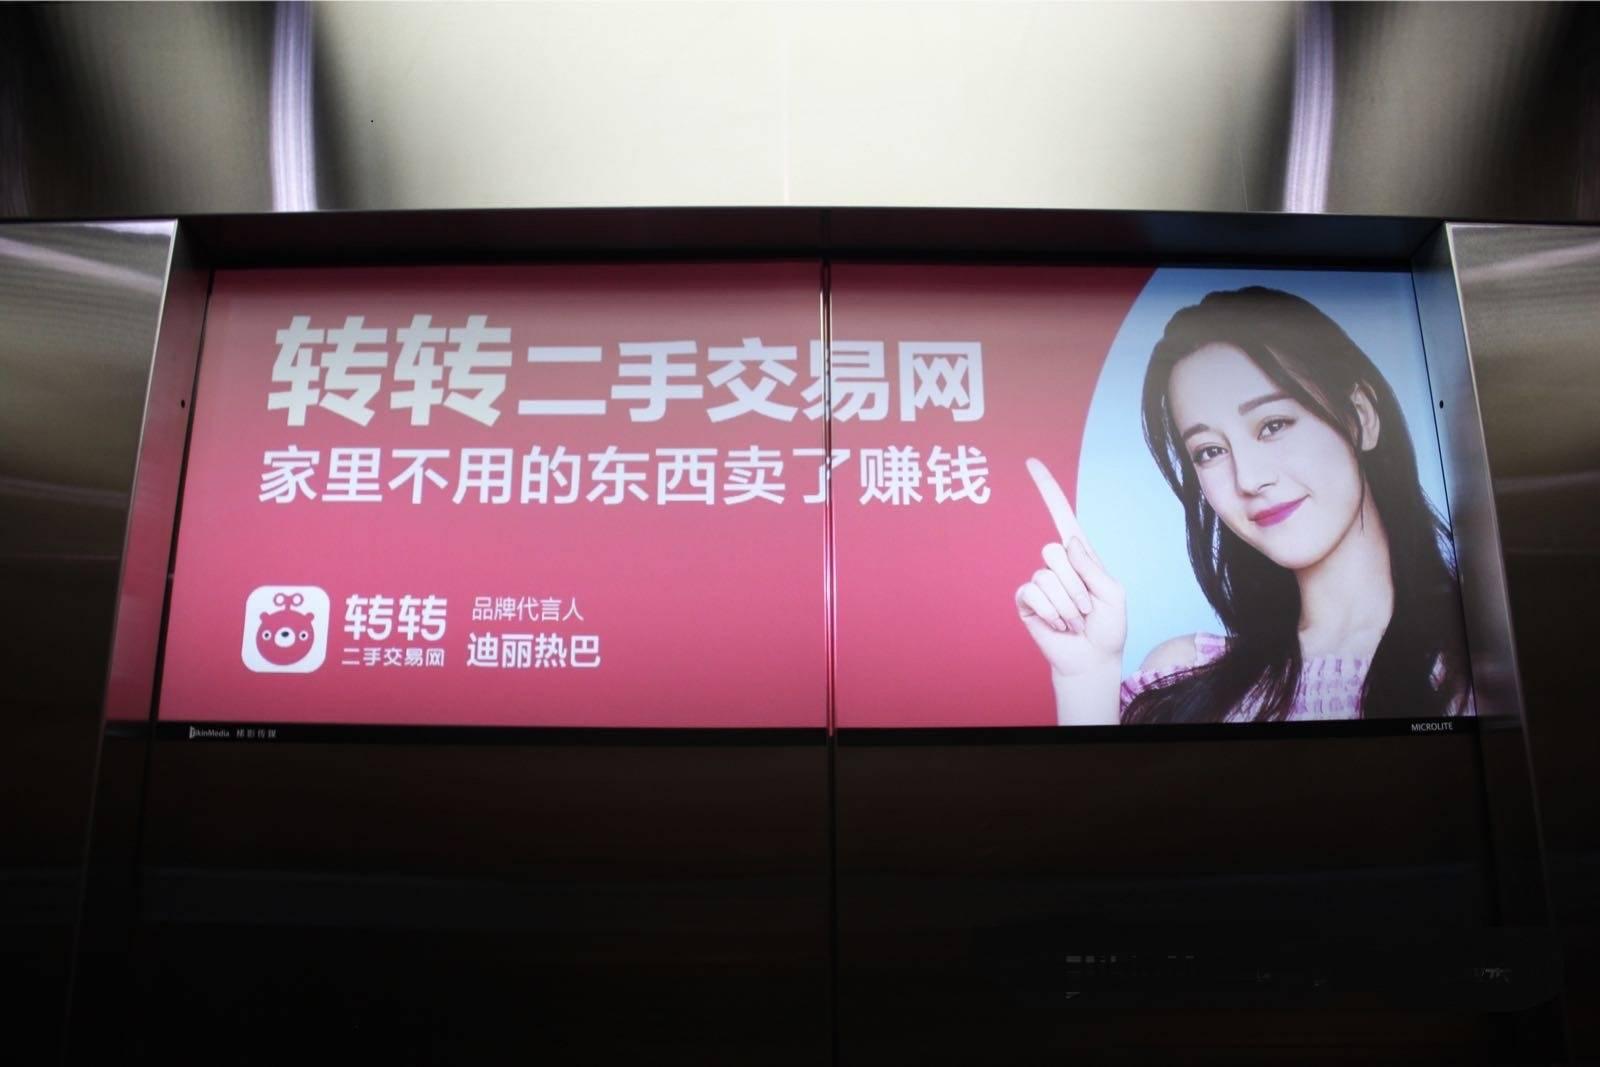 济南电梯投影广告